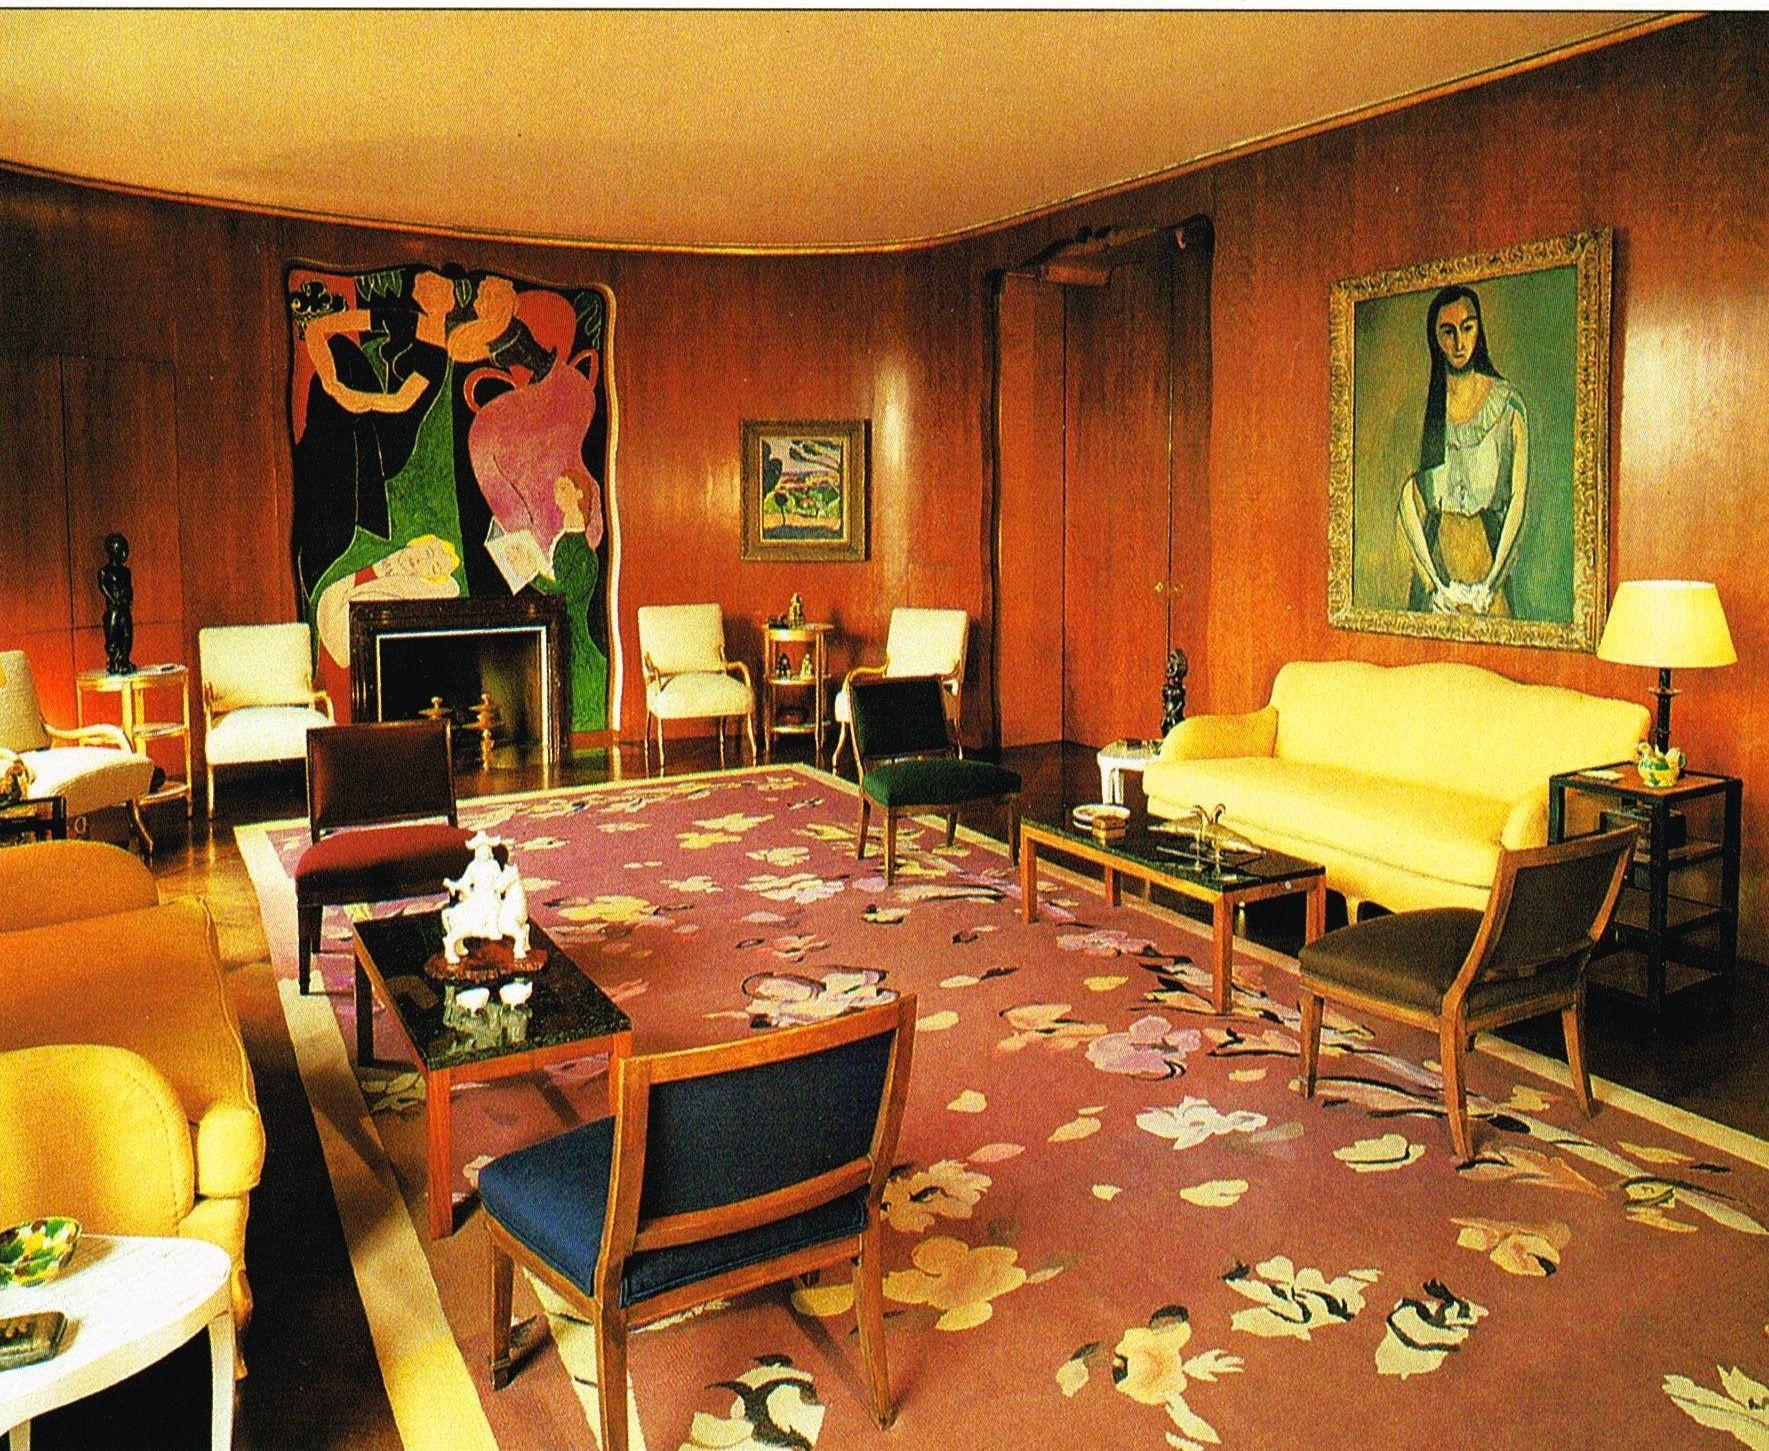 Nelson Rockefeller Fifth Avenue Residence living room